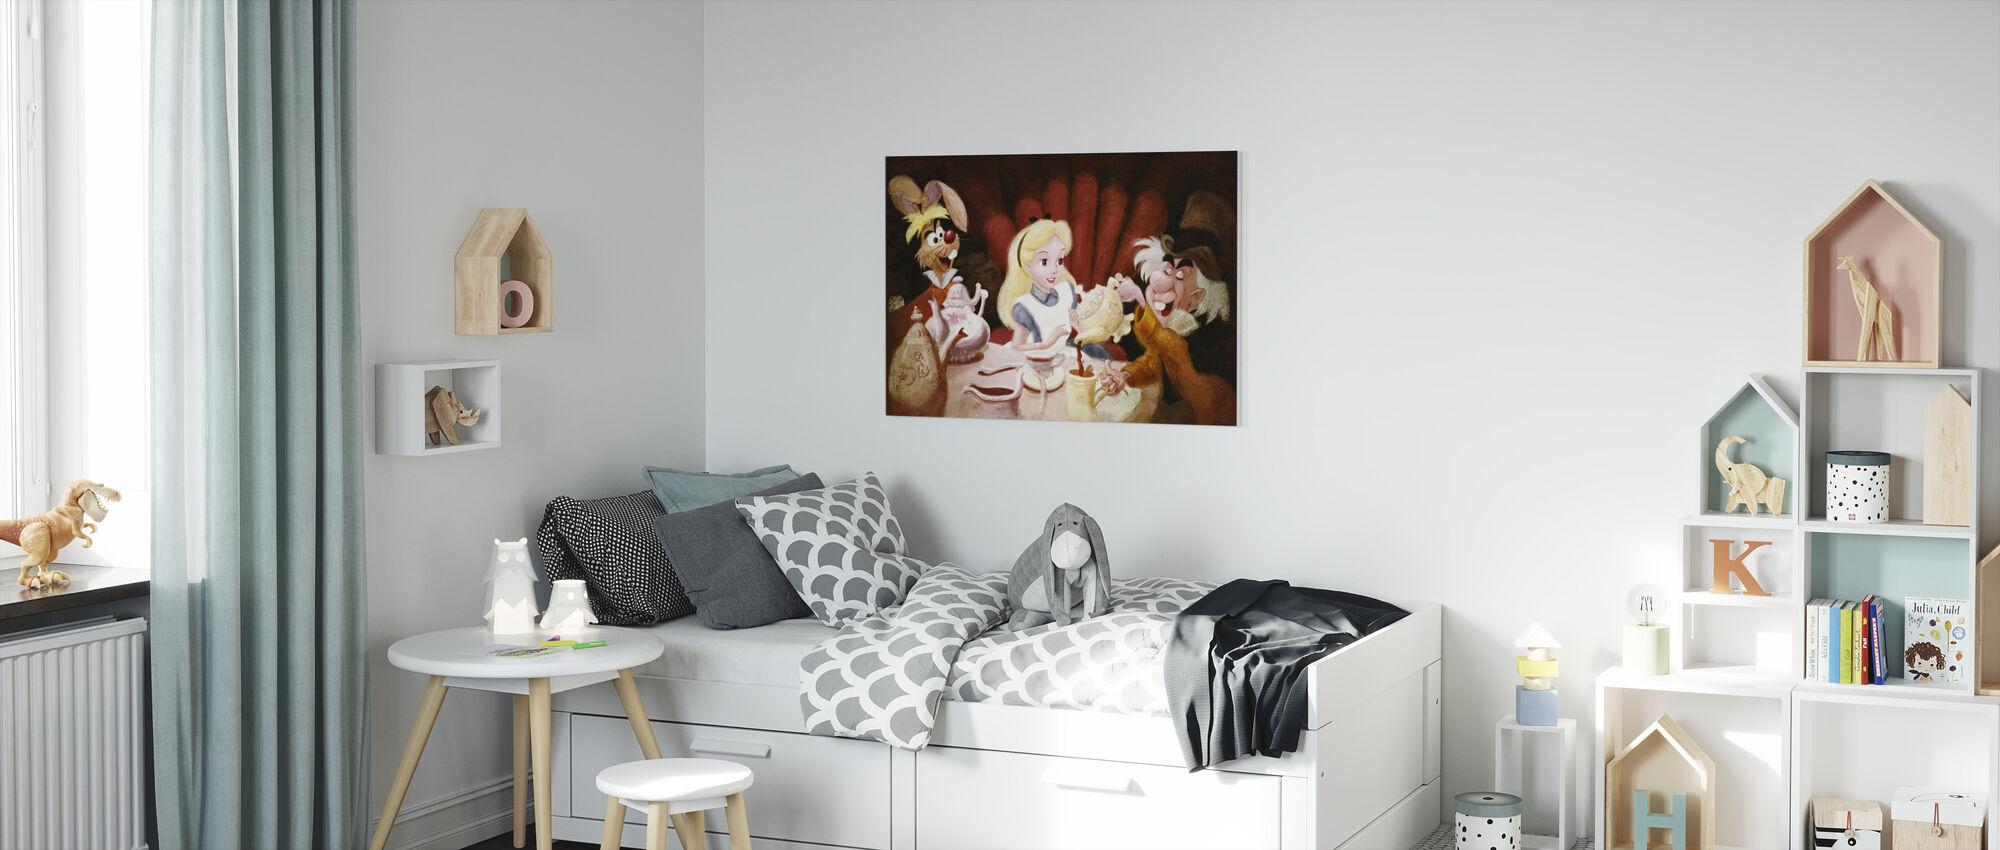 Disney Classics - Liisa ihmemaassa - Tea Party - Canvastaulu - Lastenhuone